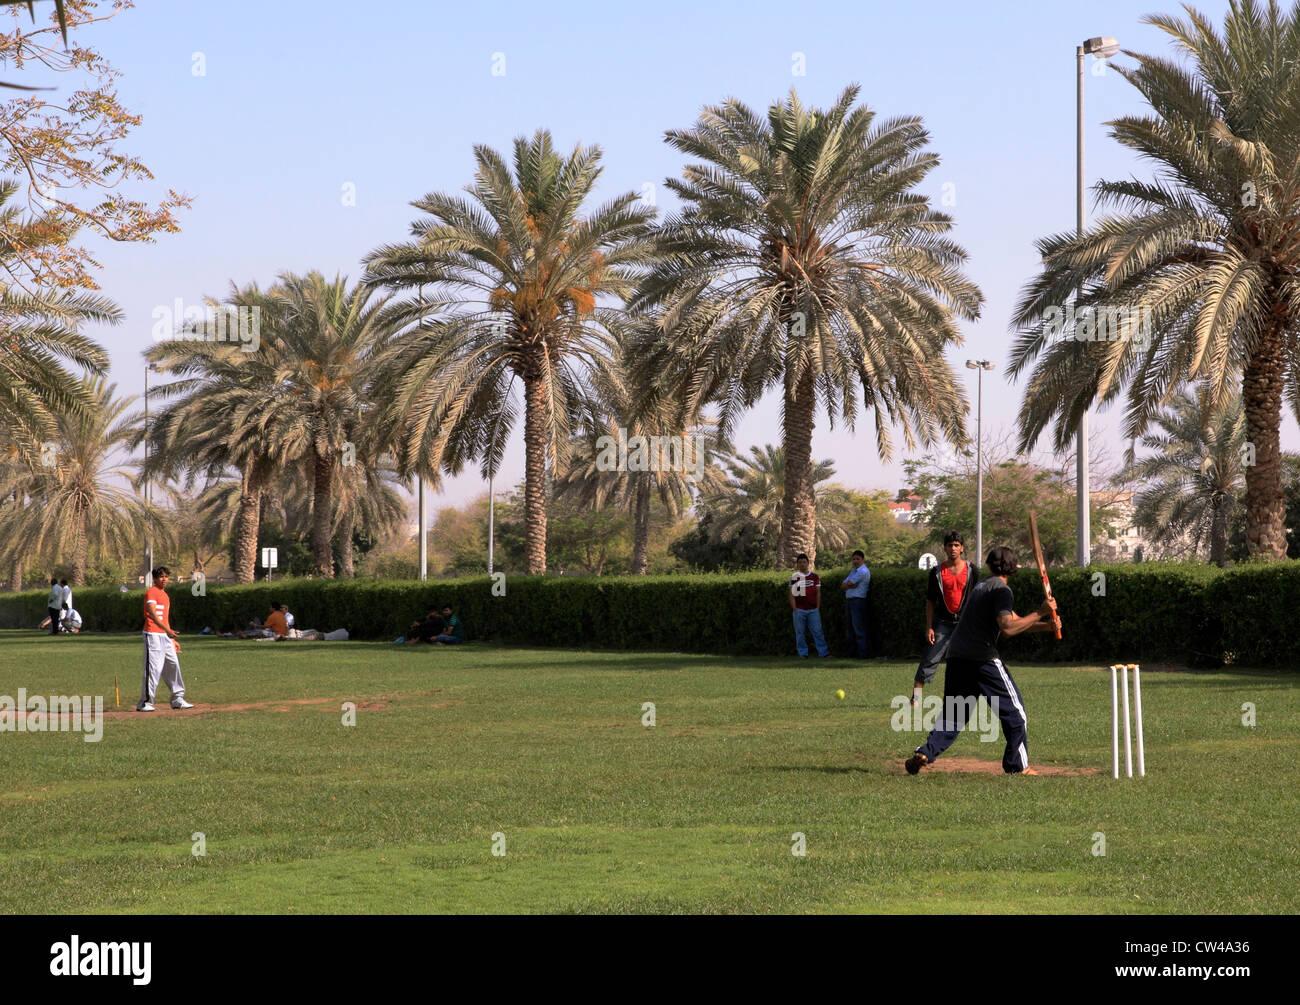 3498. Cricket, indischen & pakistanischen Arbeiter, Dubai, Vereinigte Arabische Emirate. Stockbild